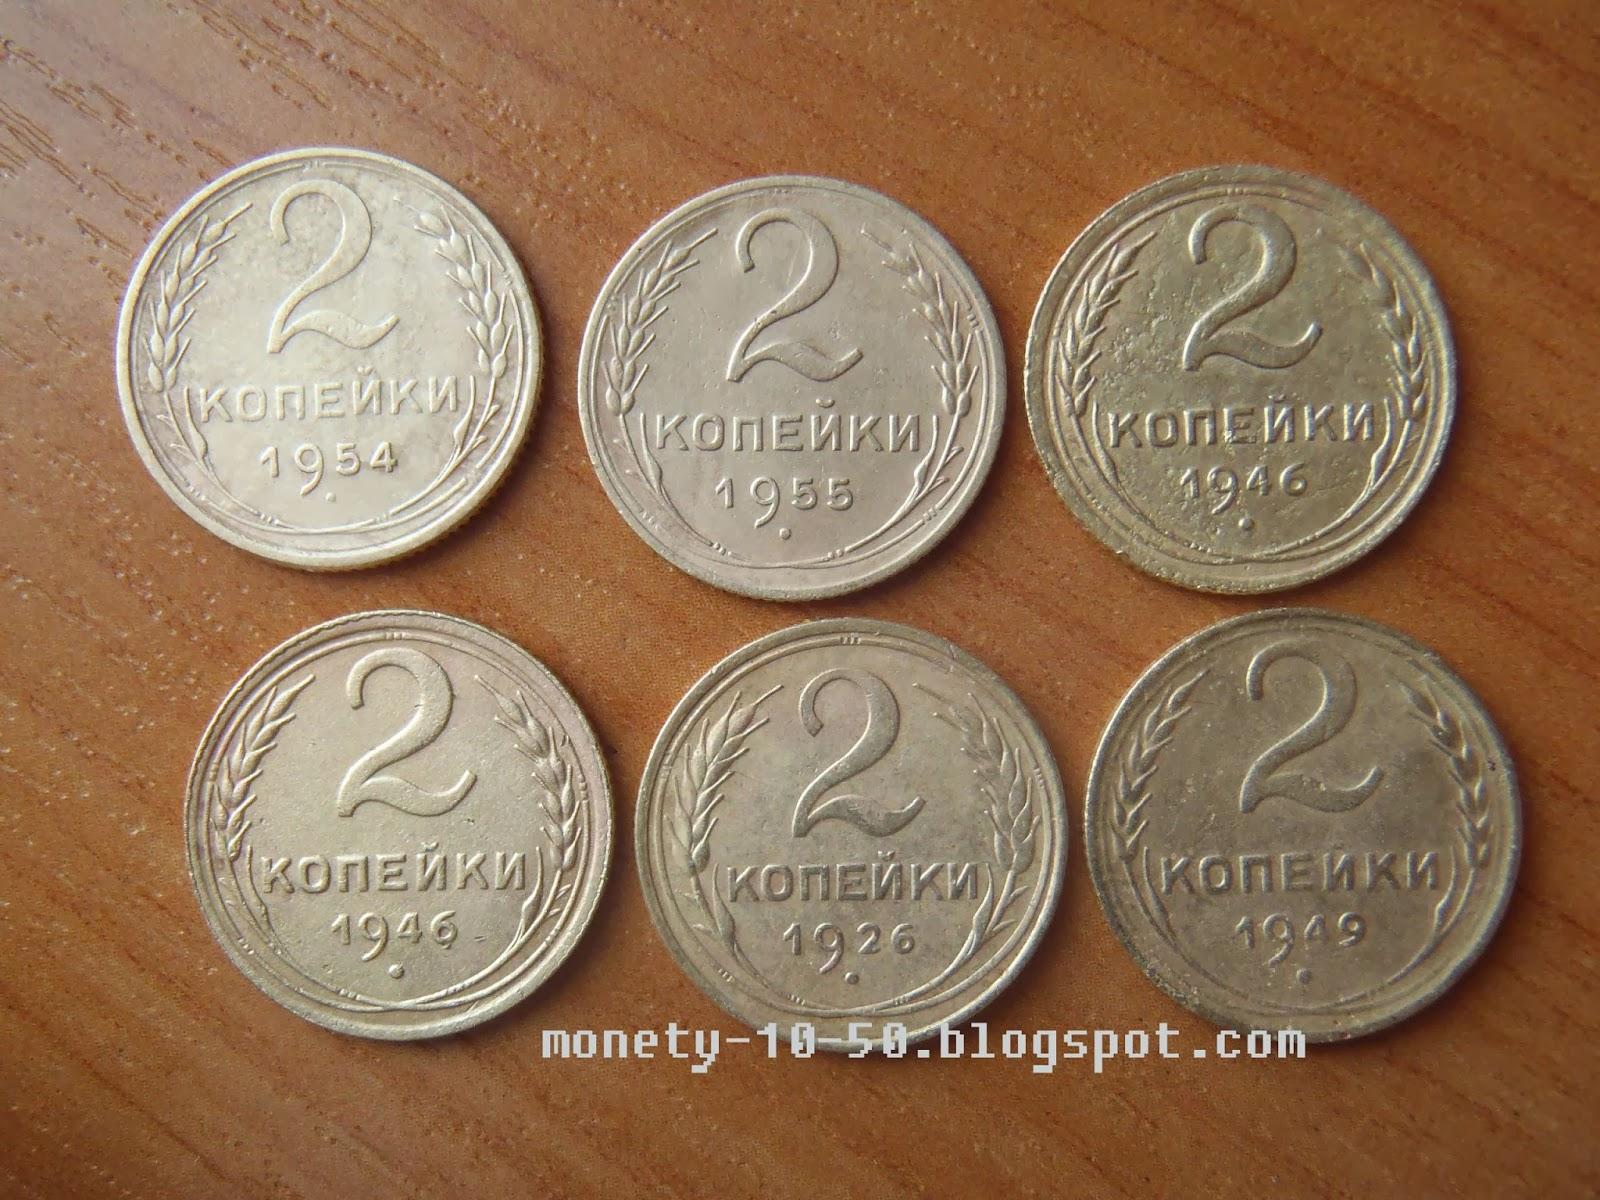 Очистка монет от ржавчины 10 копеек 1934